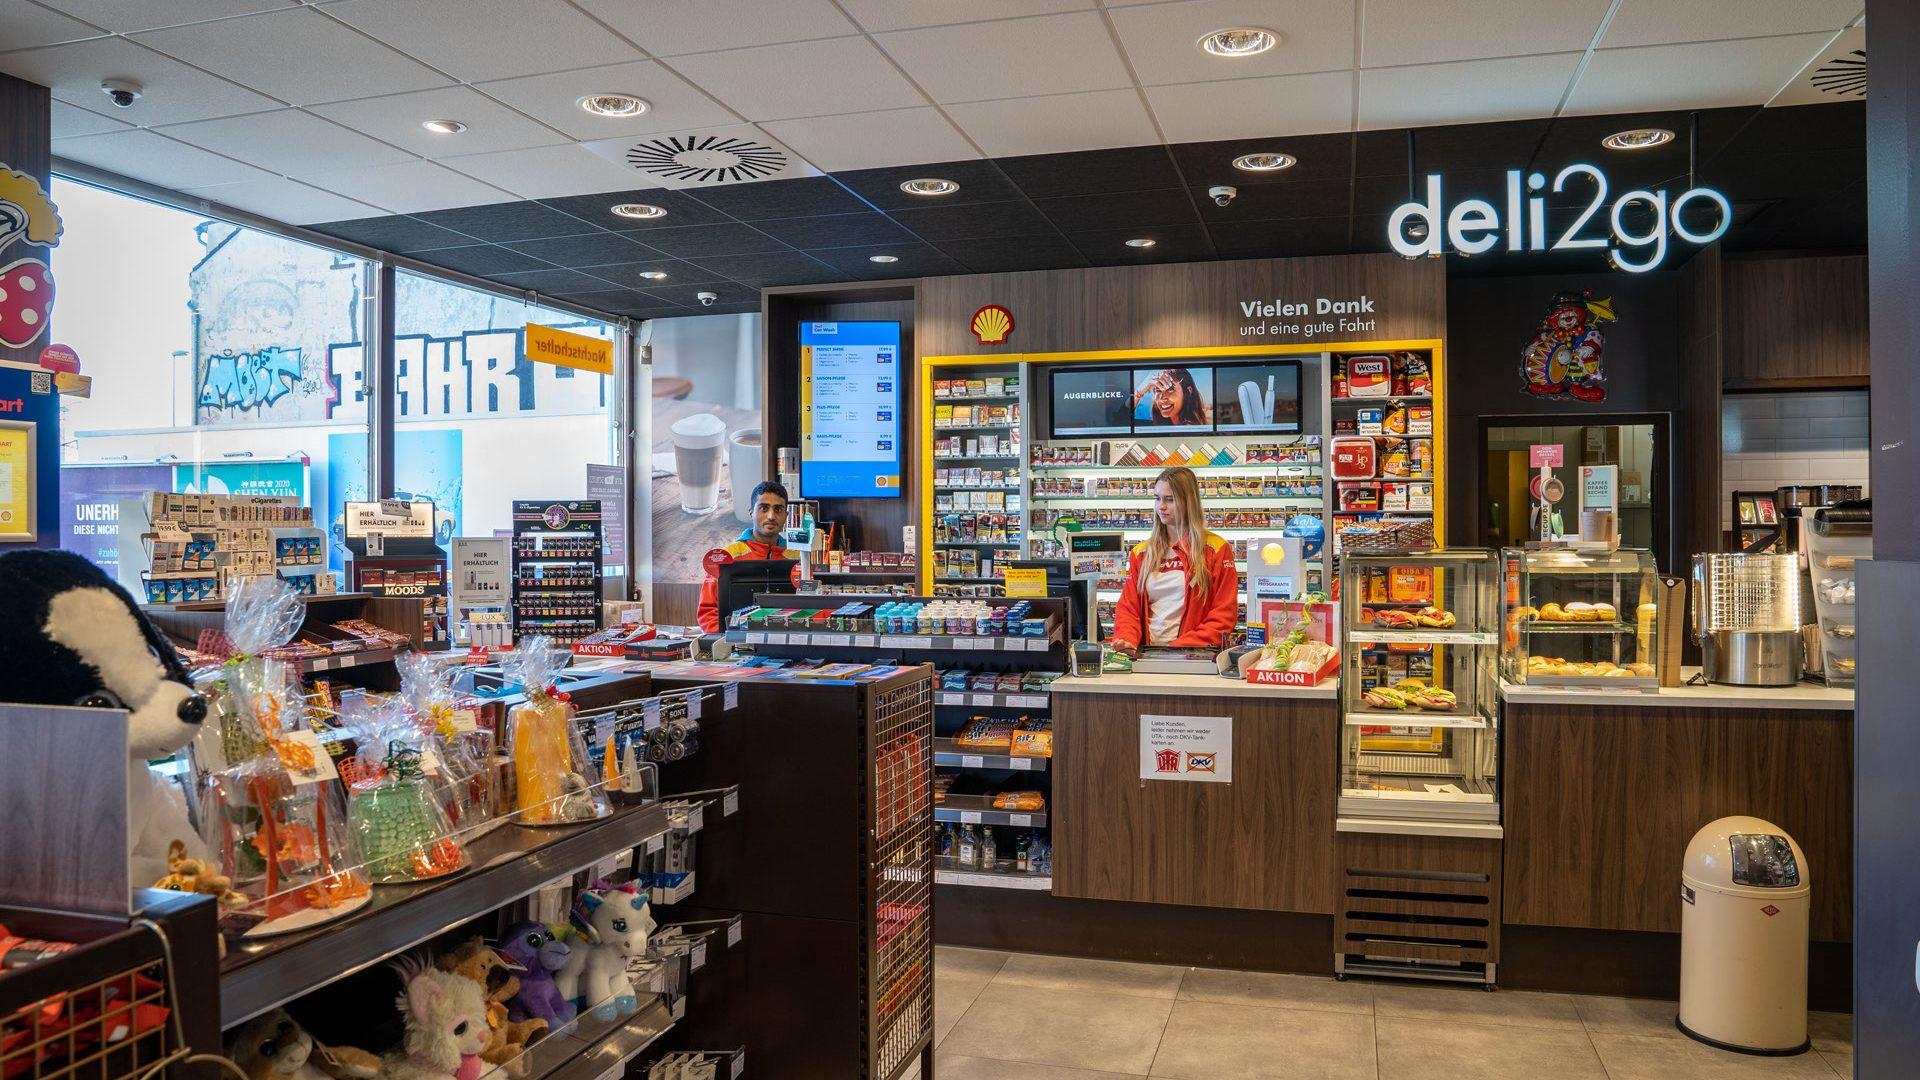 KassiererIn, Shell-Station-Bedburg, Neusser-Str-55